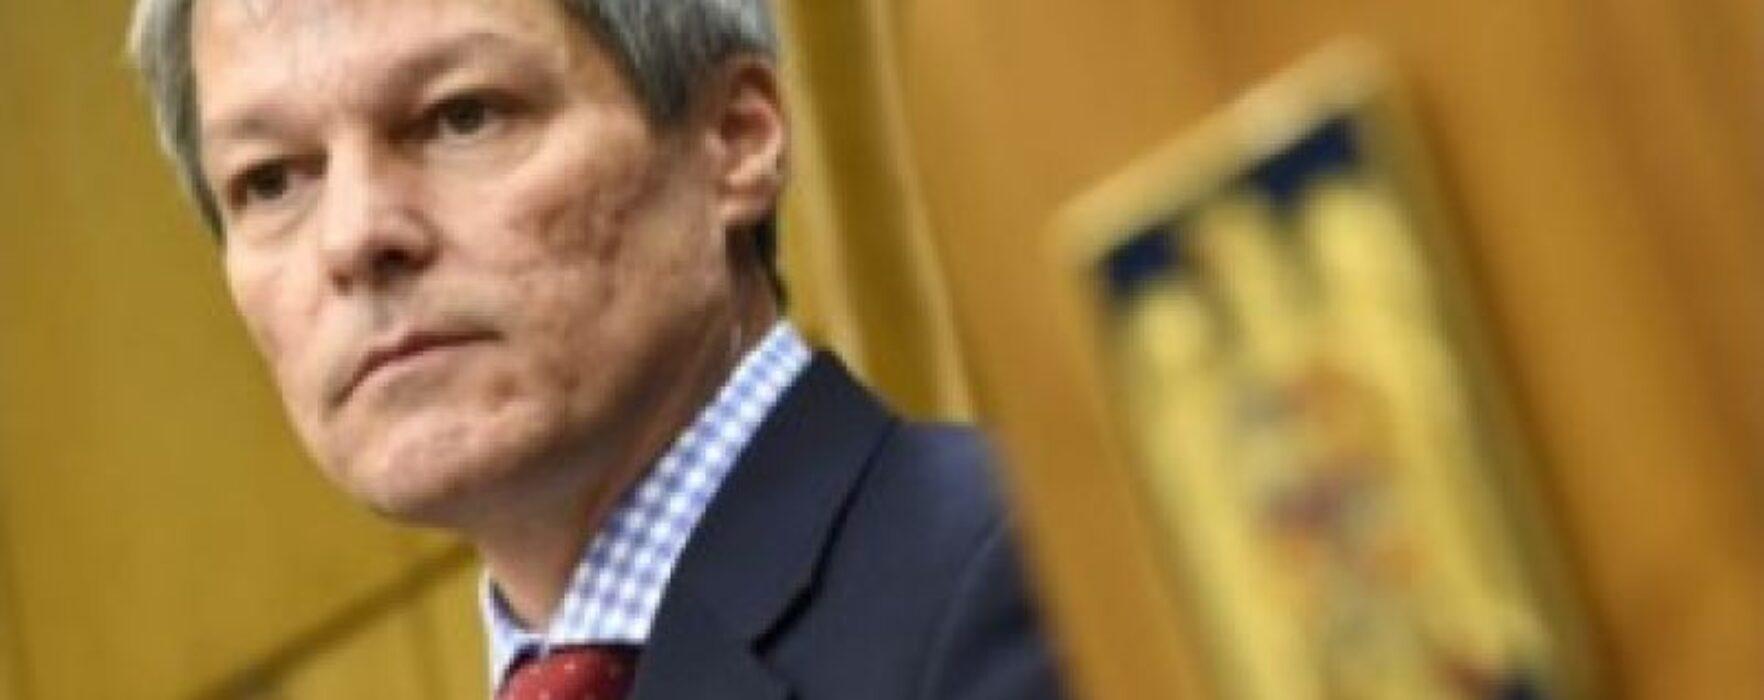 Premierul Cioloş a fost, marţi, în judeţul Dâmboviţa